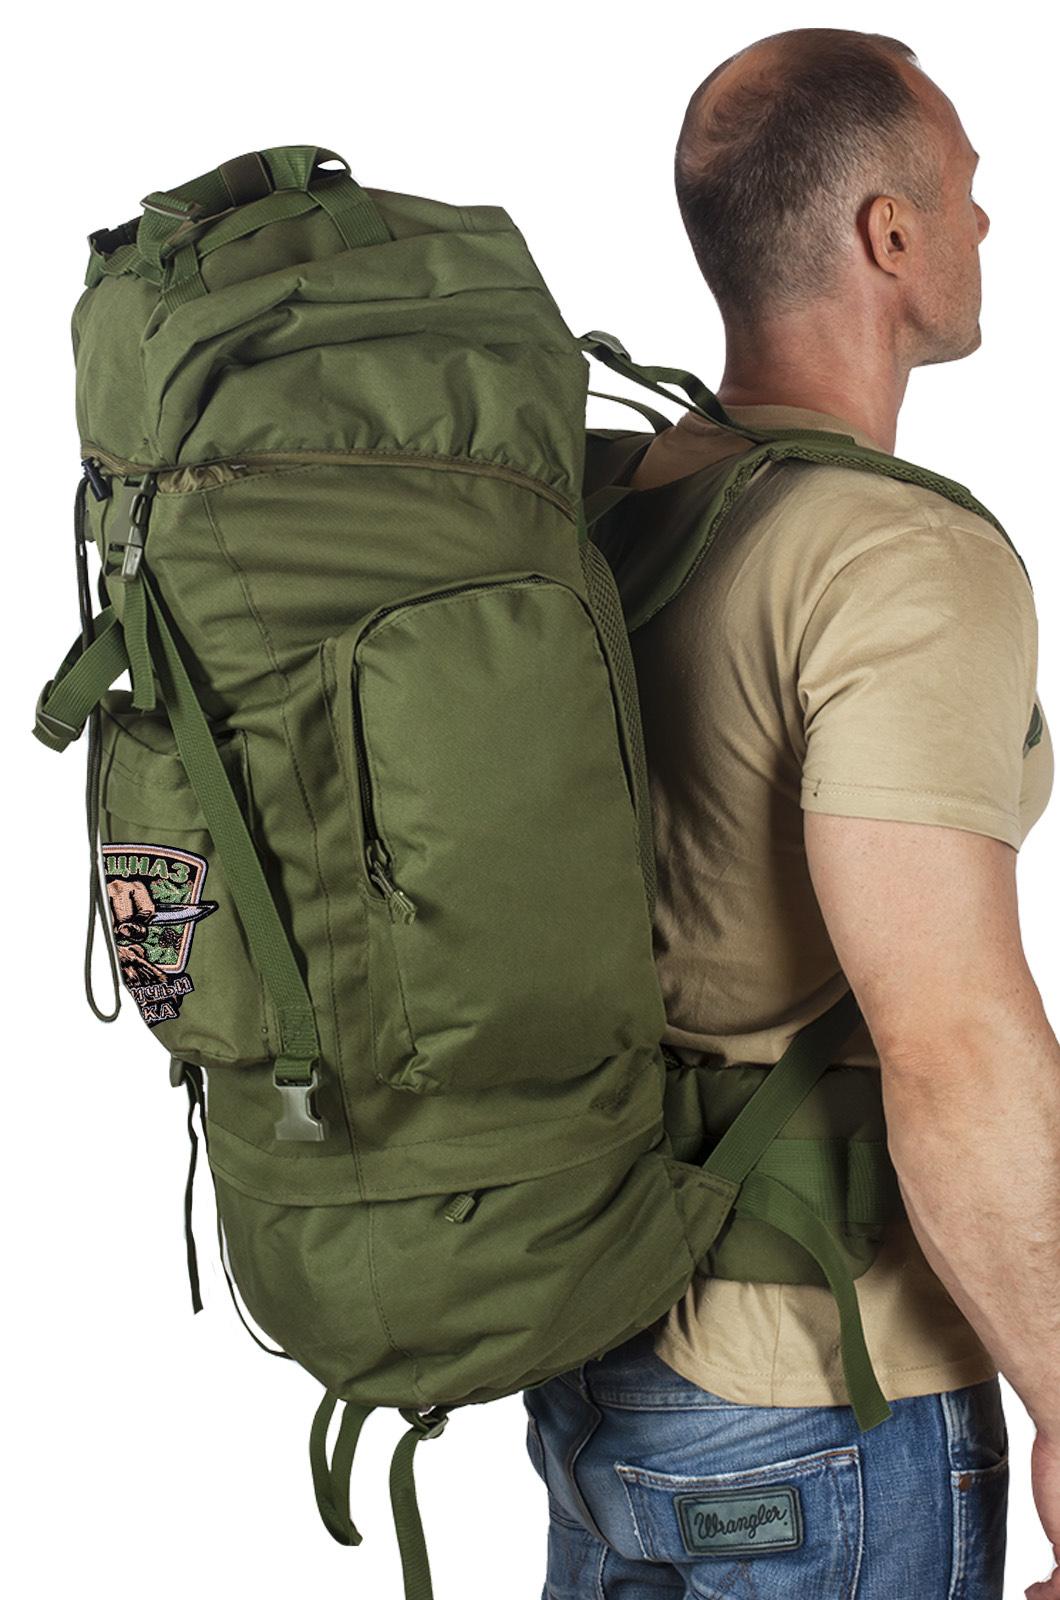 Зачетный вместительный рюкзак с нашивкой Охотничий Спецназ - купить с доставкой